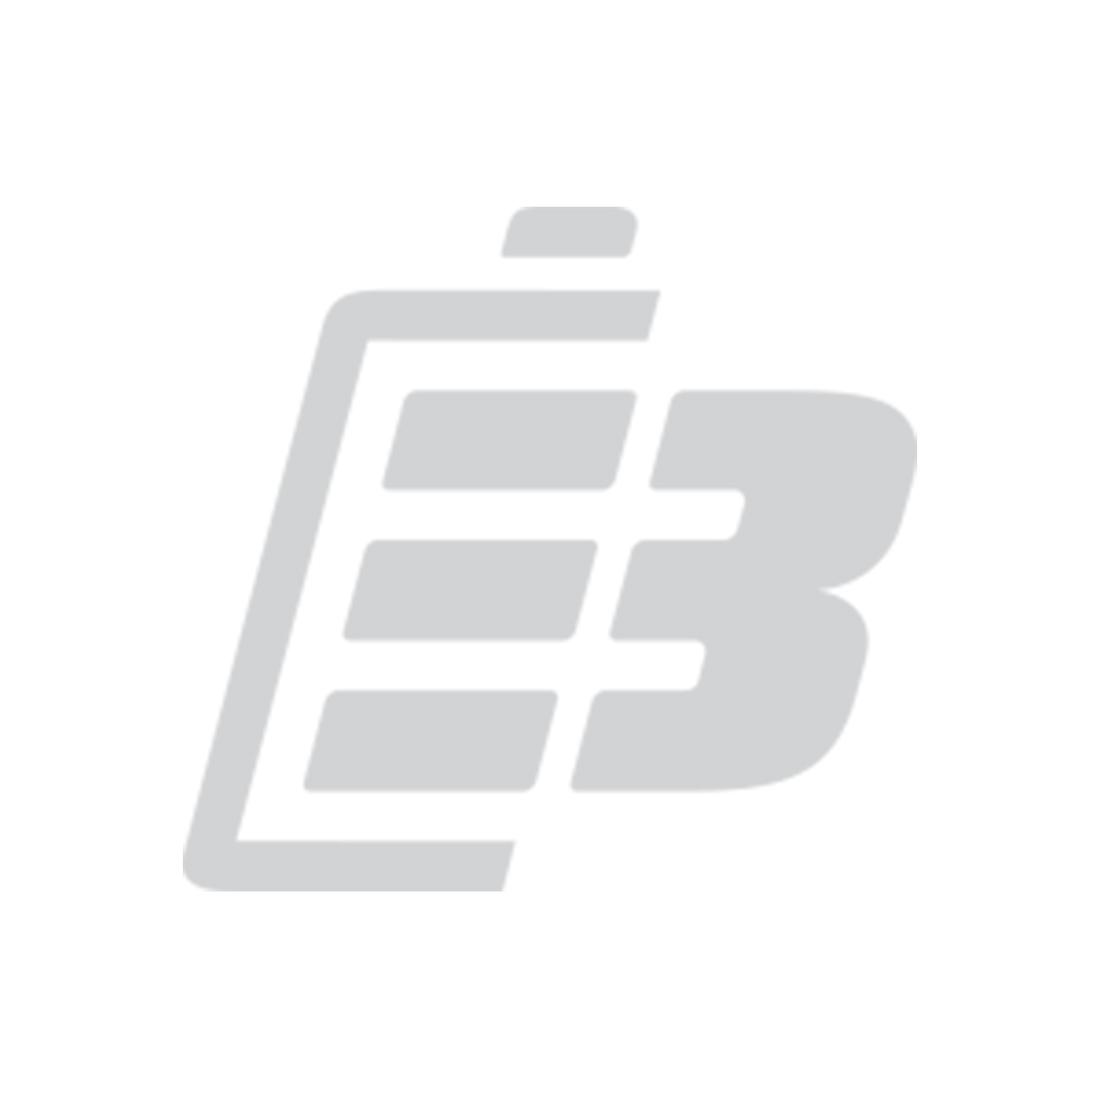 Payment terminal battery Verifone VX675